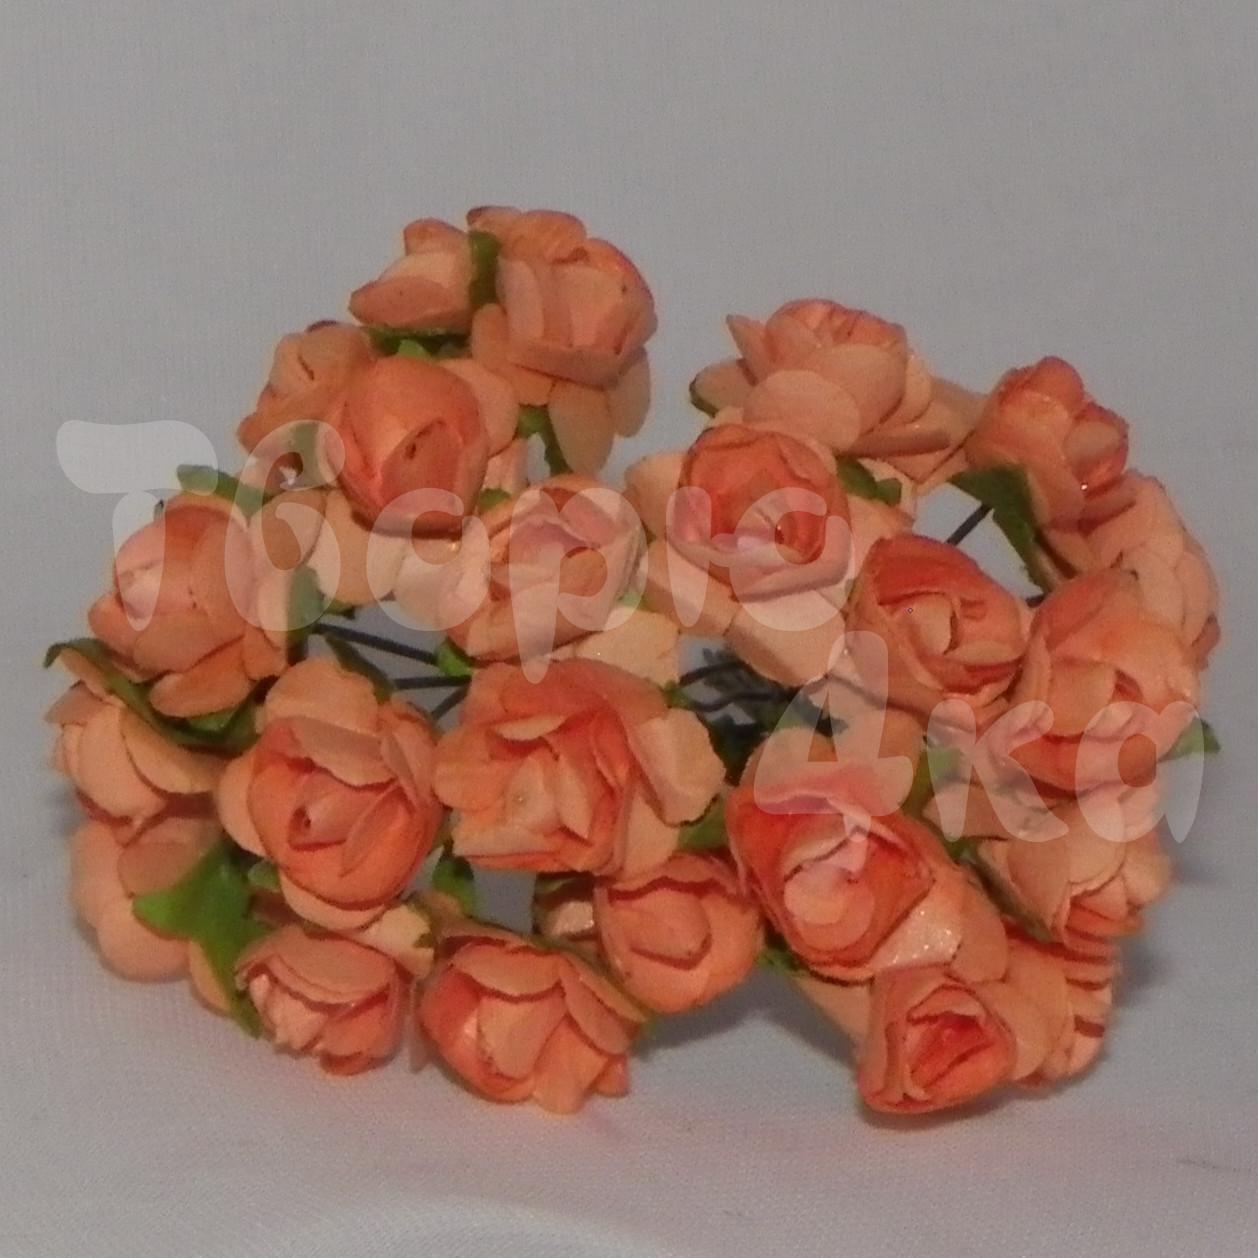 Цветок розы бумажный оранжевый